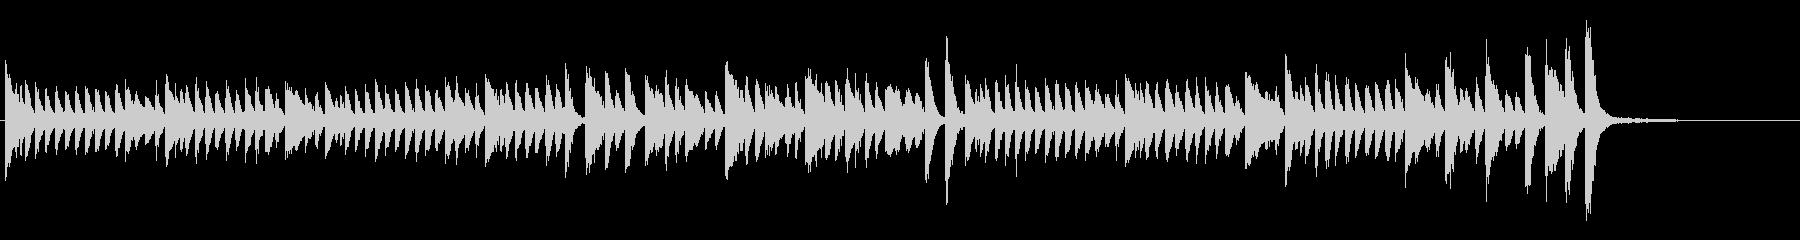 テトリス的ピアノソロの未再生の波形